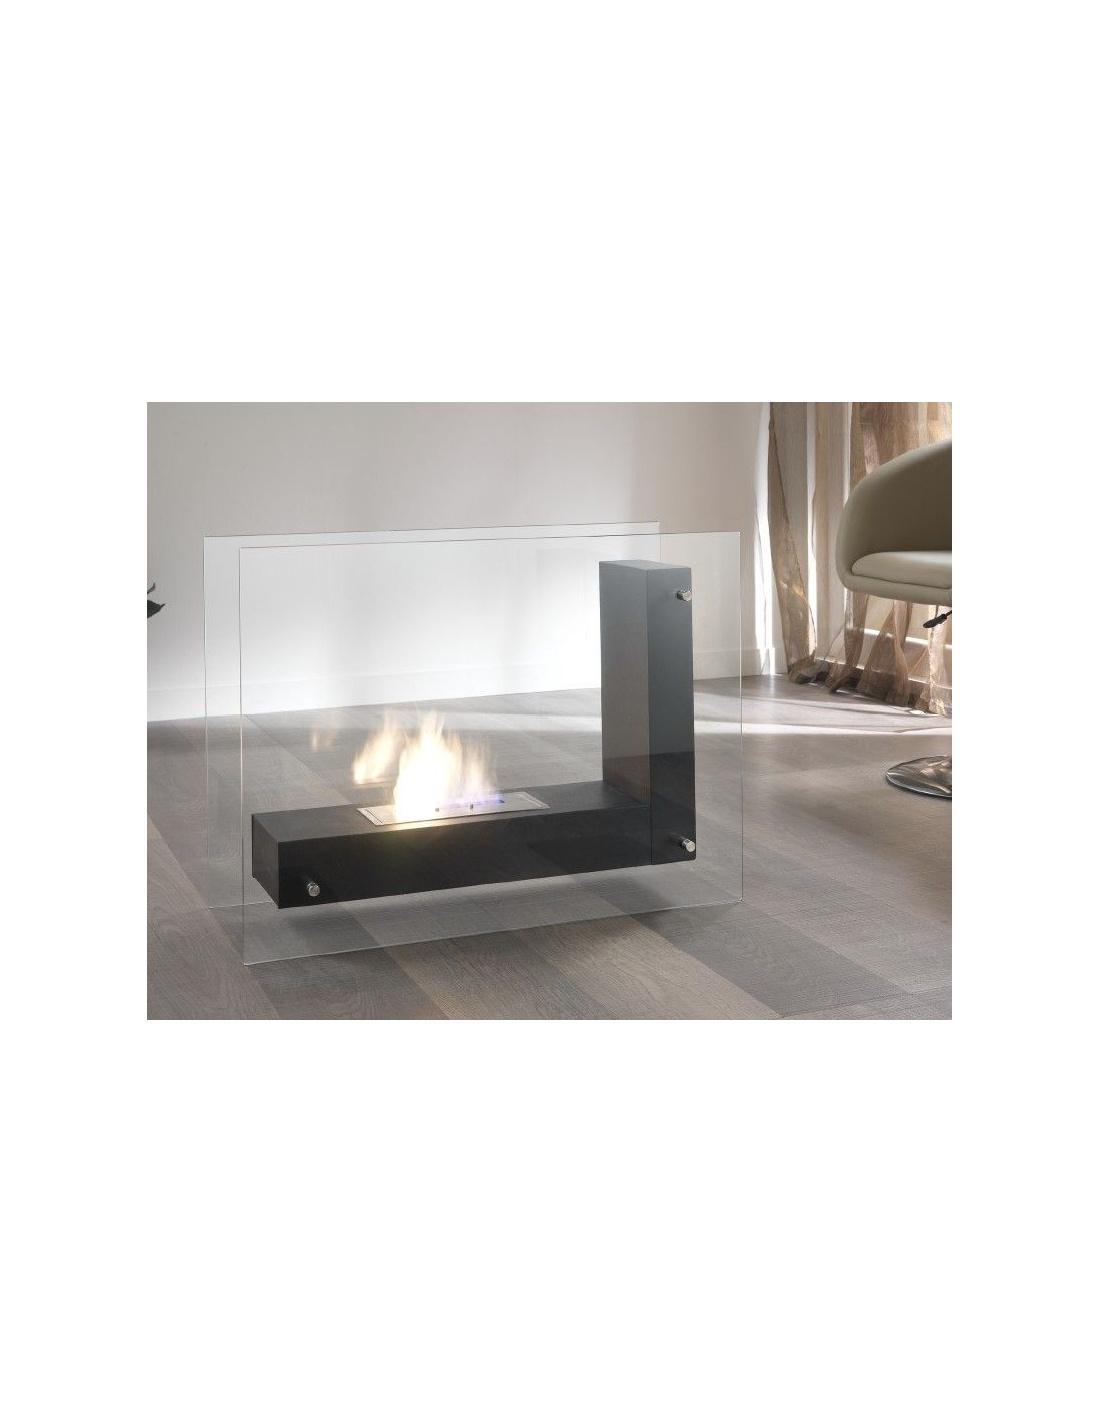 Camino a bioetanolo di stones modello fp 06 in vetro e acciaio for Camino esterno in stile spagnolo